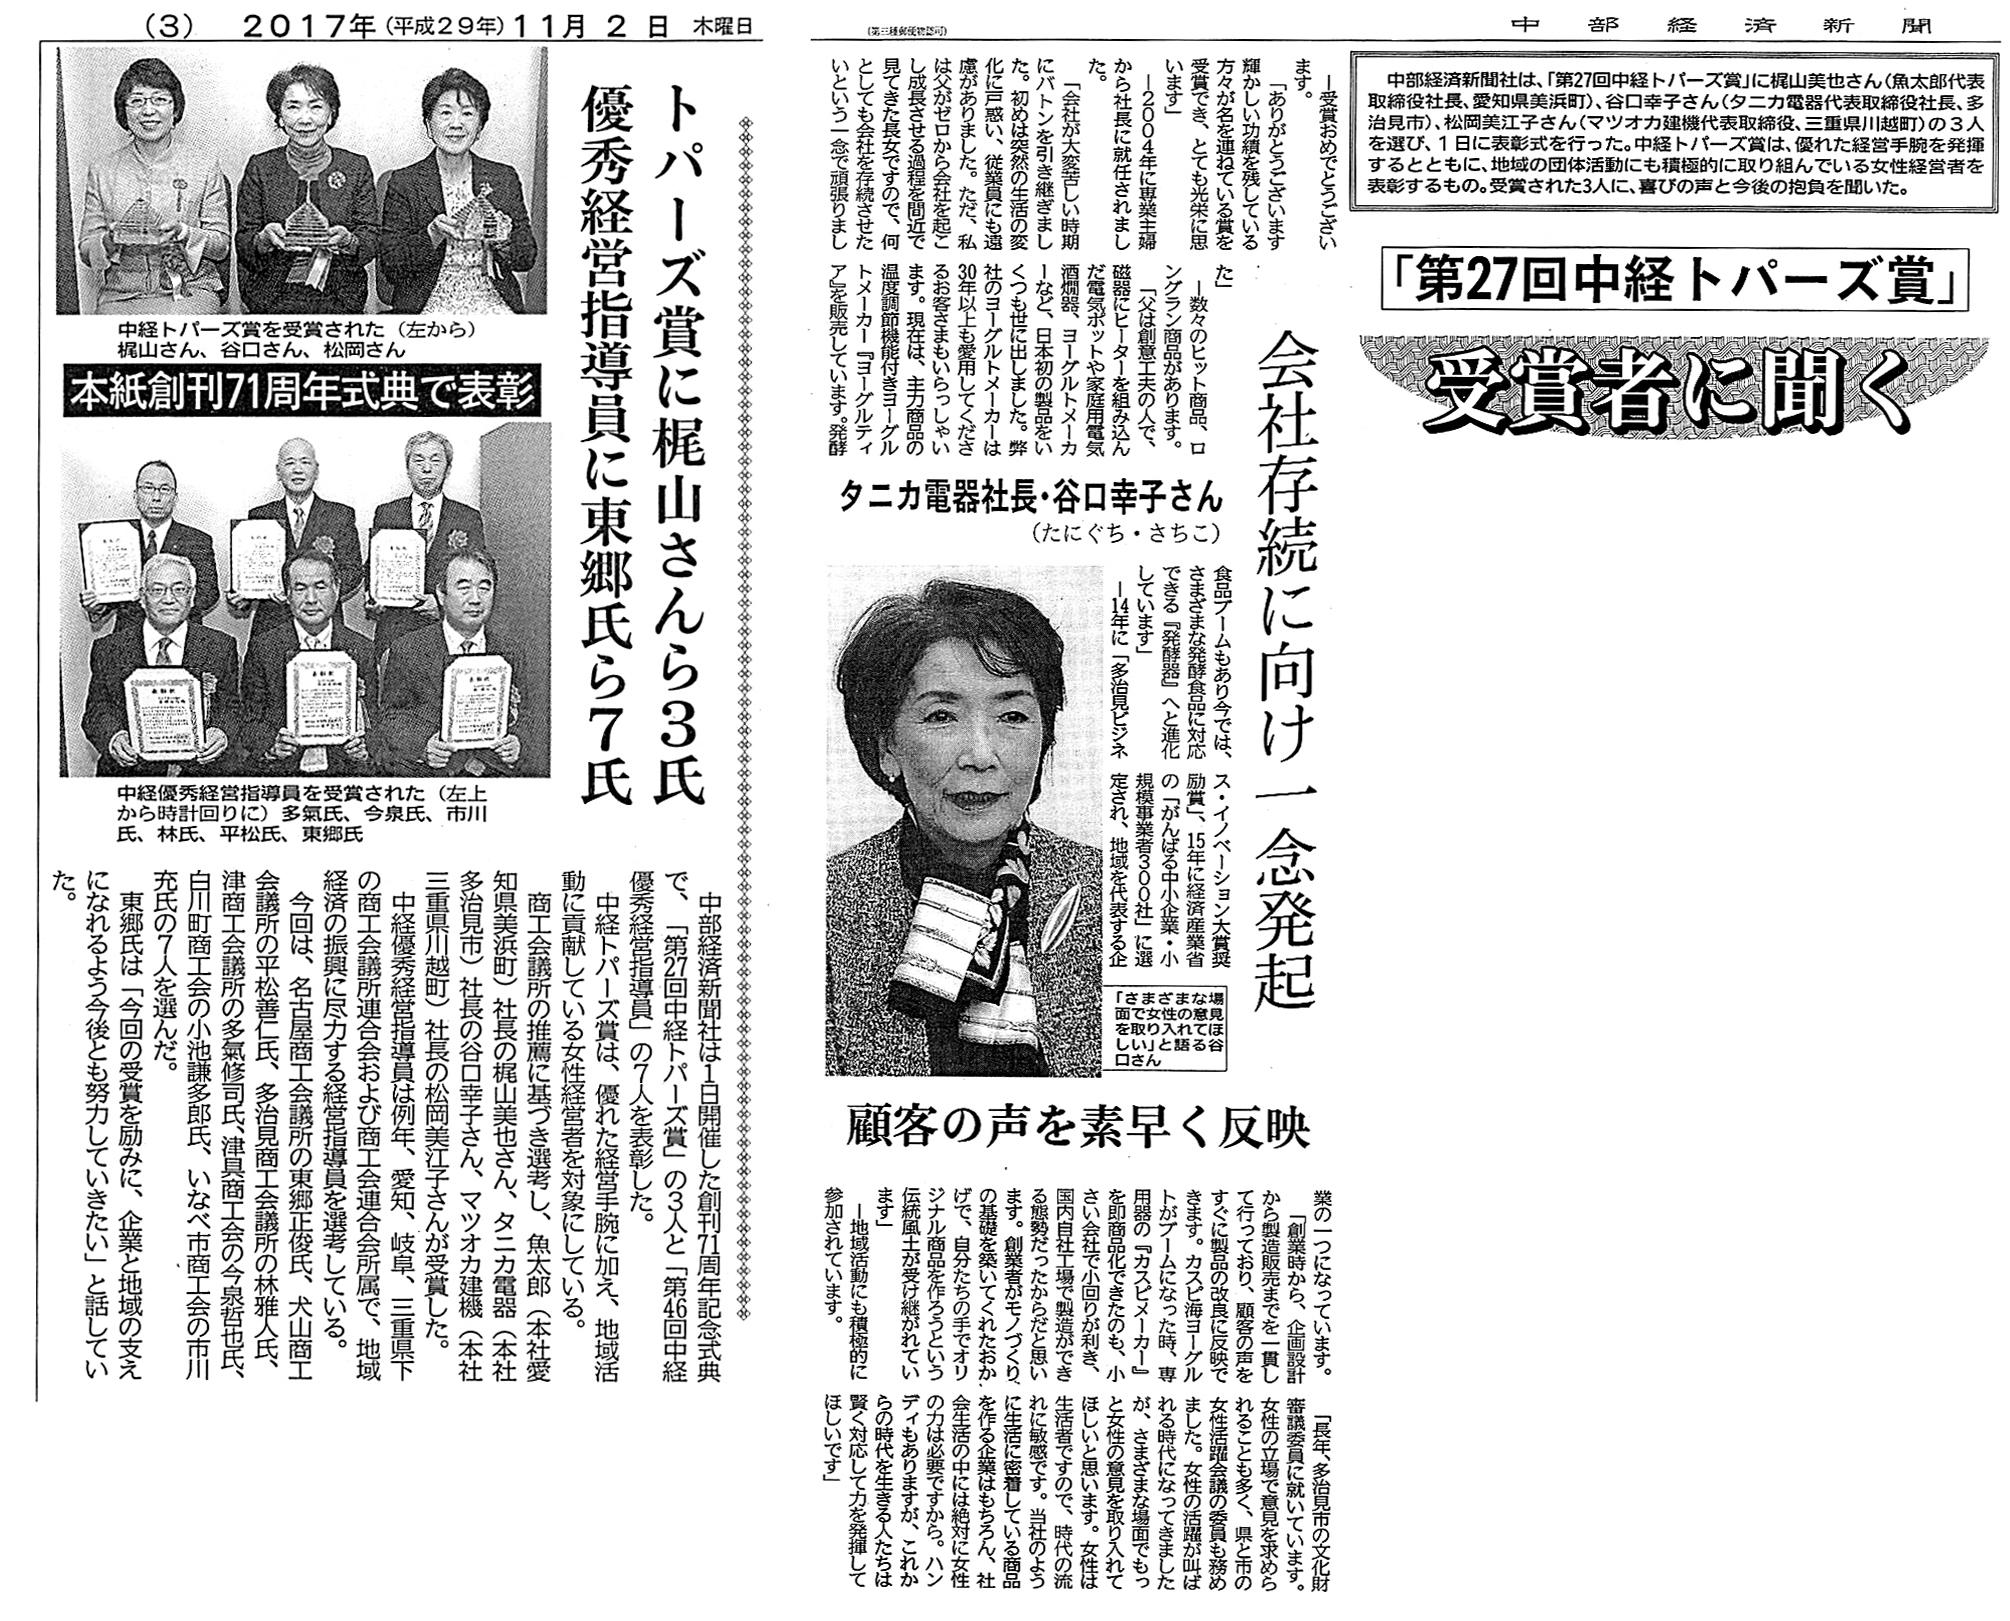 中部経済新聞「第27回中経トパーズ賞」掲載記事